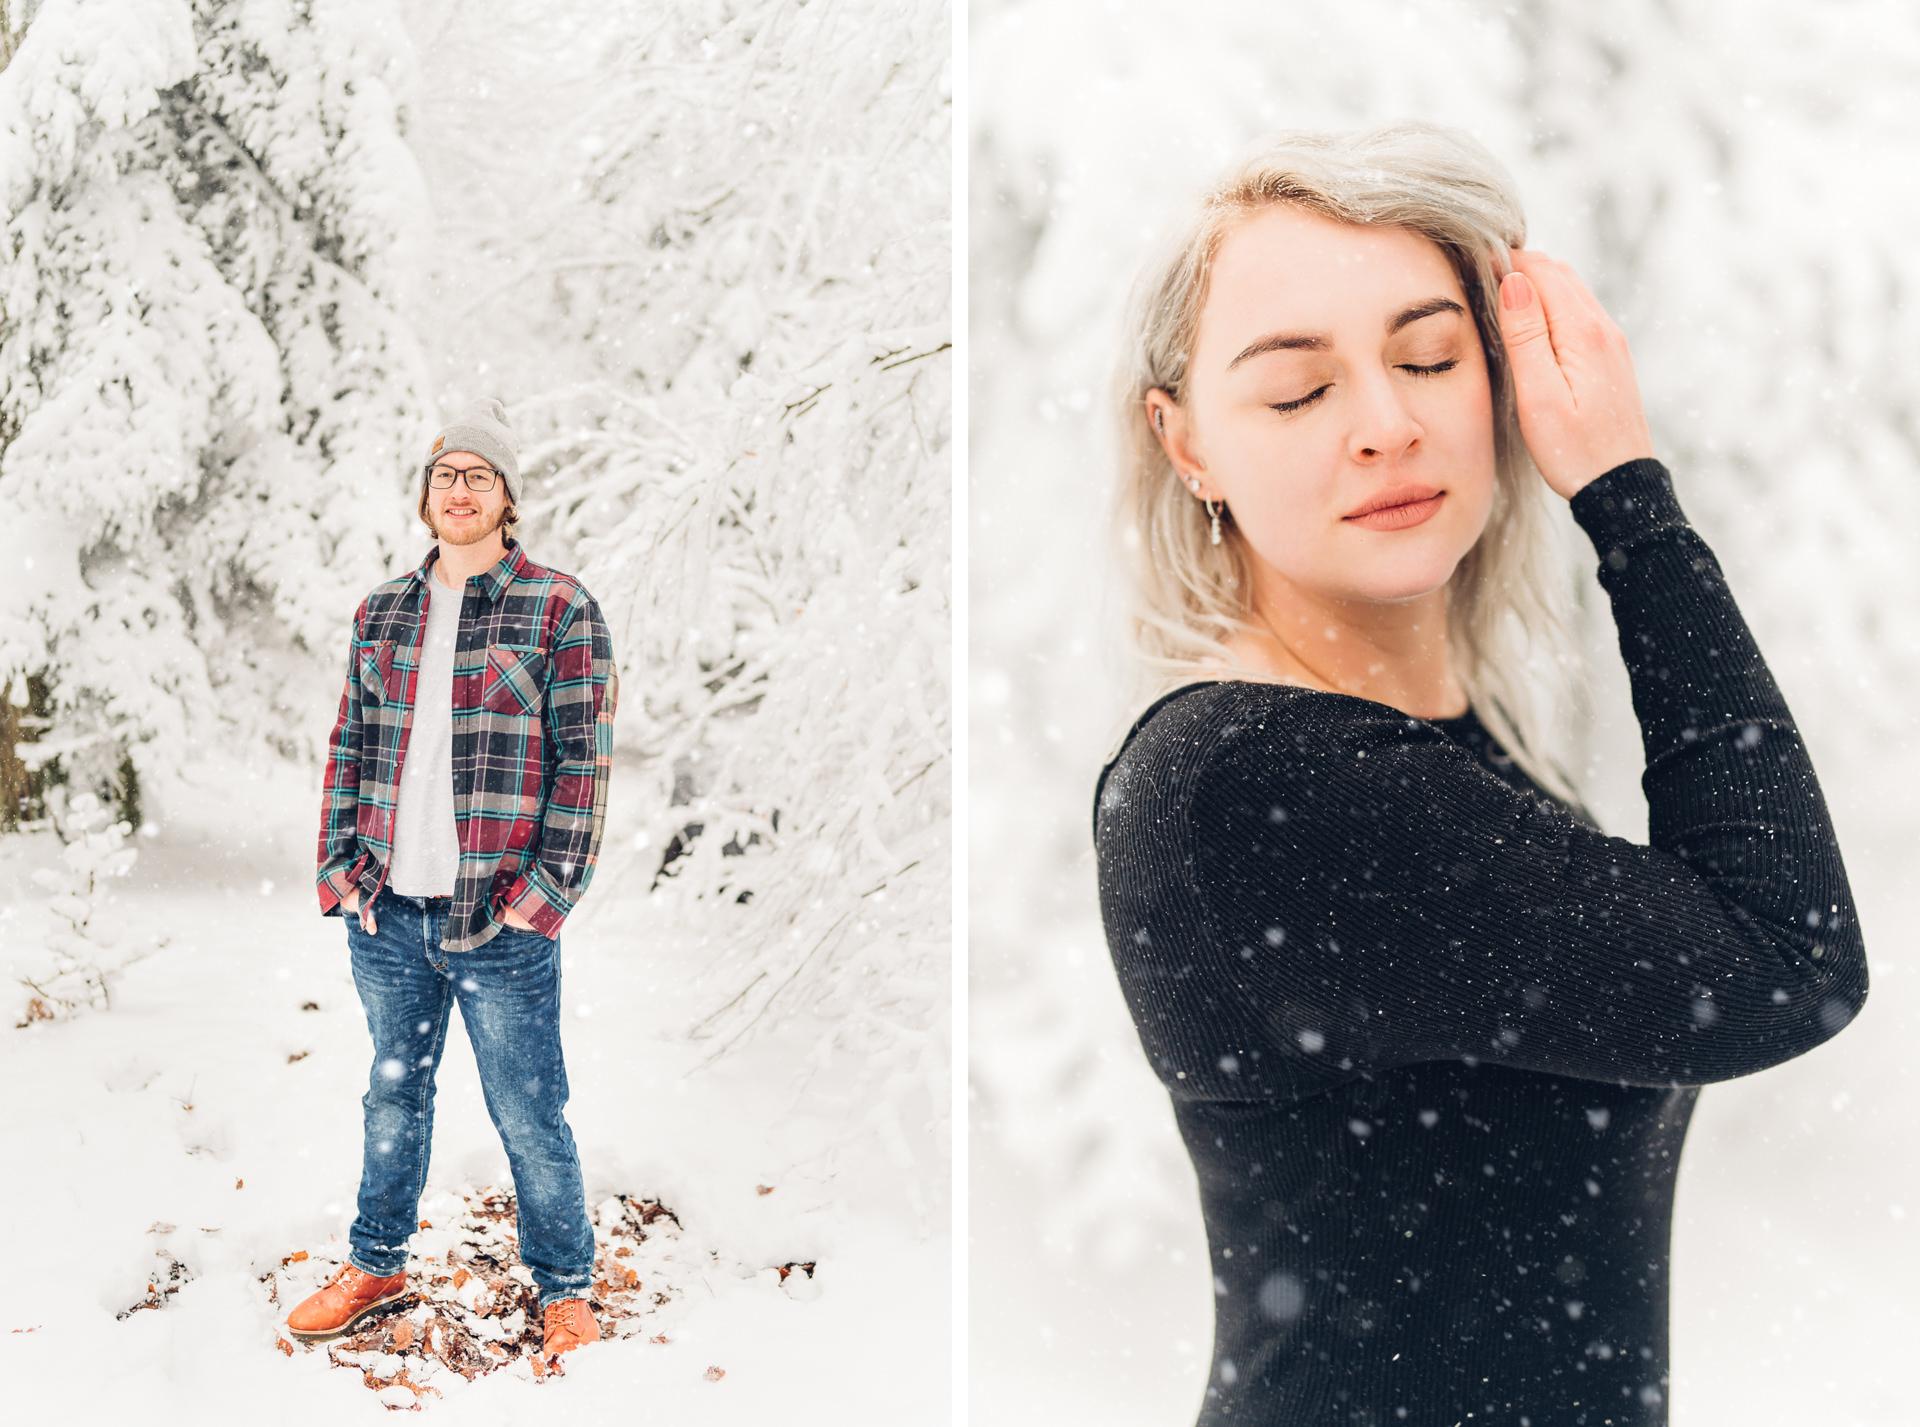 winterliche Pärchenfotos im Schnee